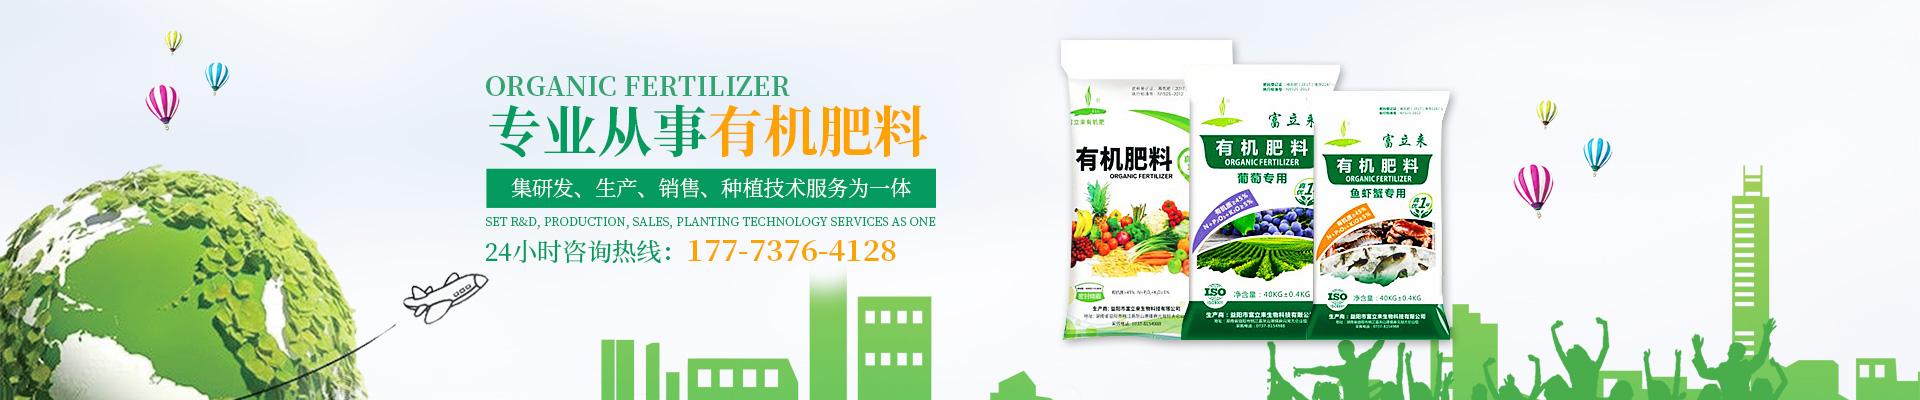 雷竞技raybet平台雷竞技raybet平台生物科技有限公司_益阳大型综合性肥料生产企业